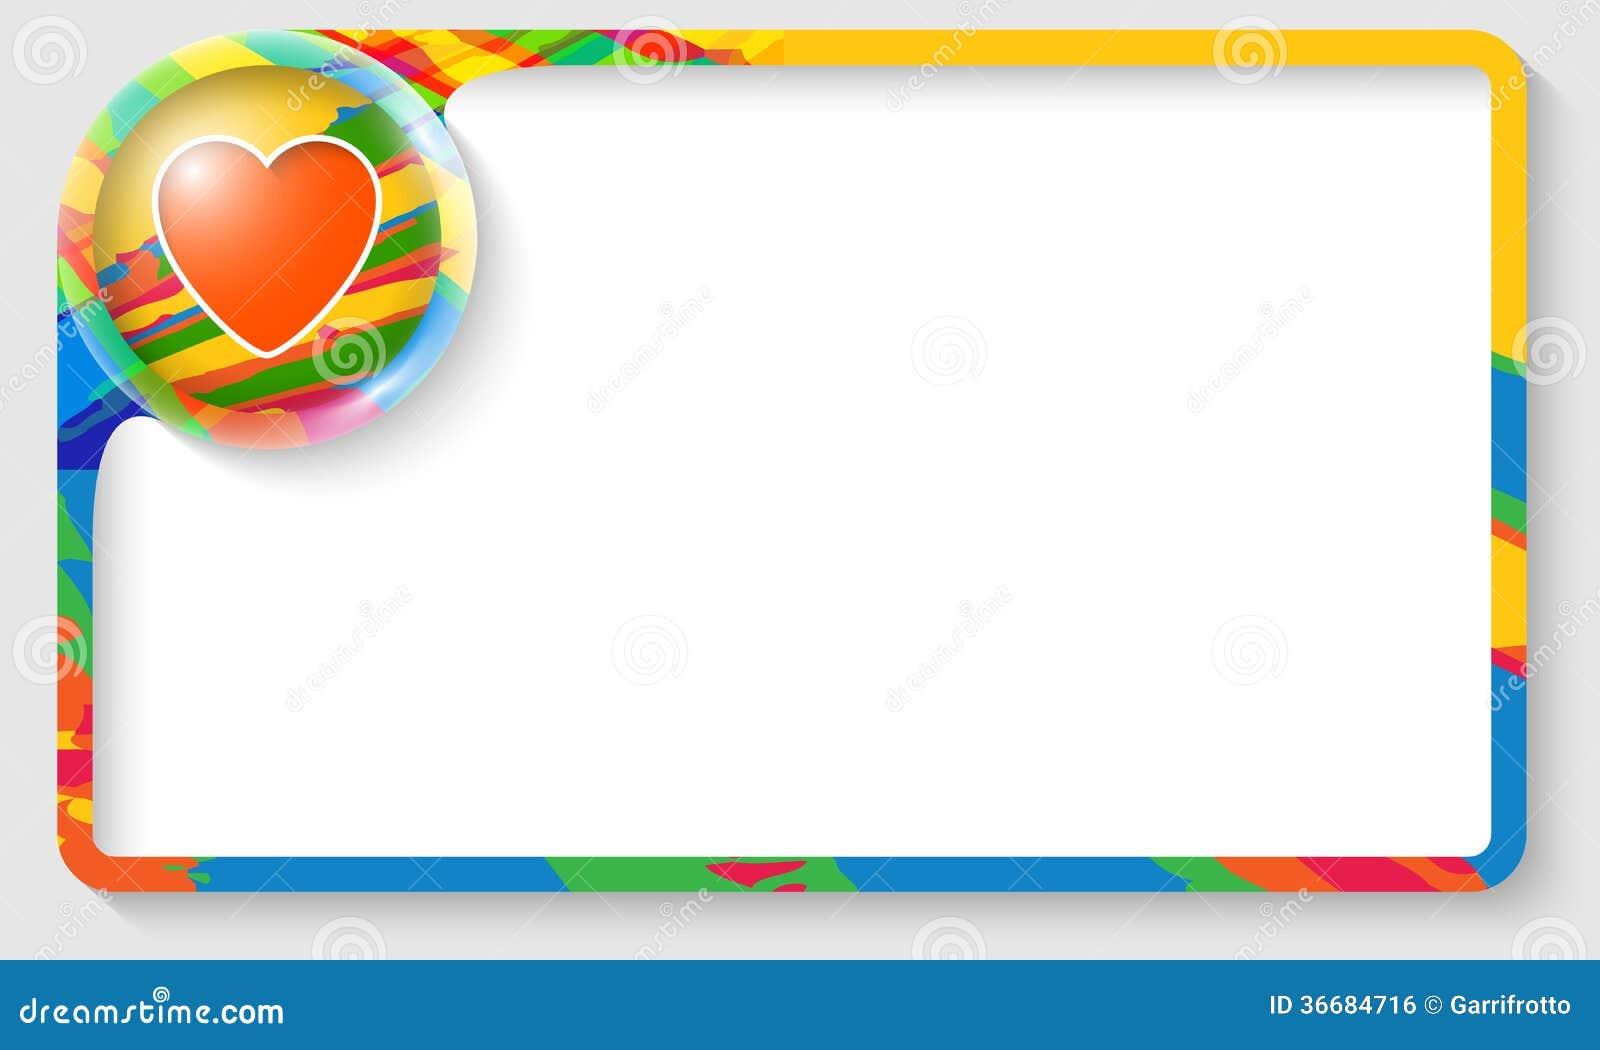 Cornici Colorate Per Foto cornice di testo colorata illustrazione vettoriale